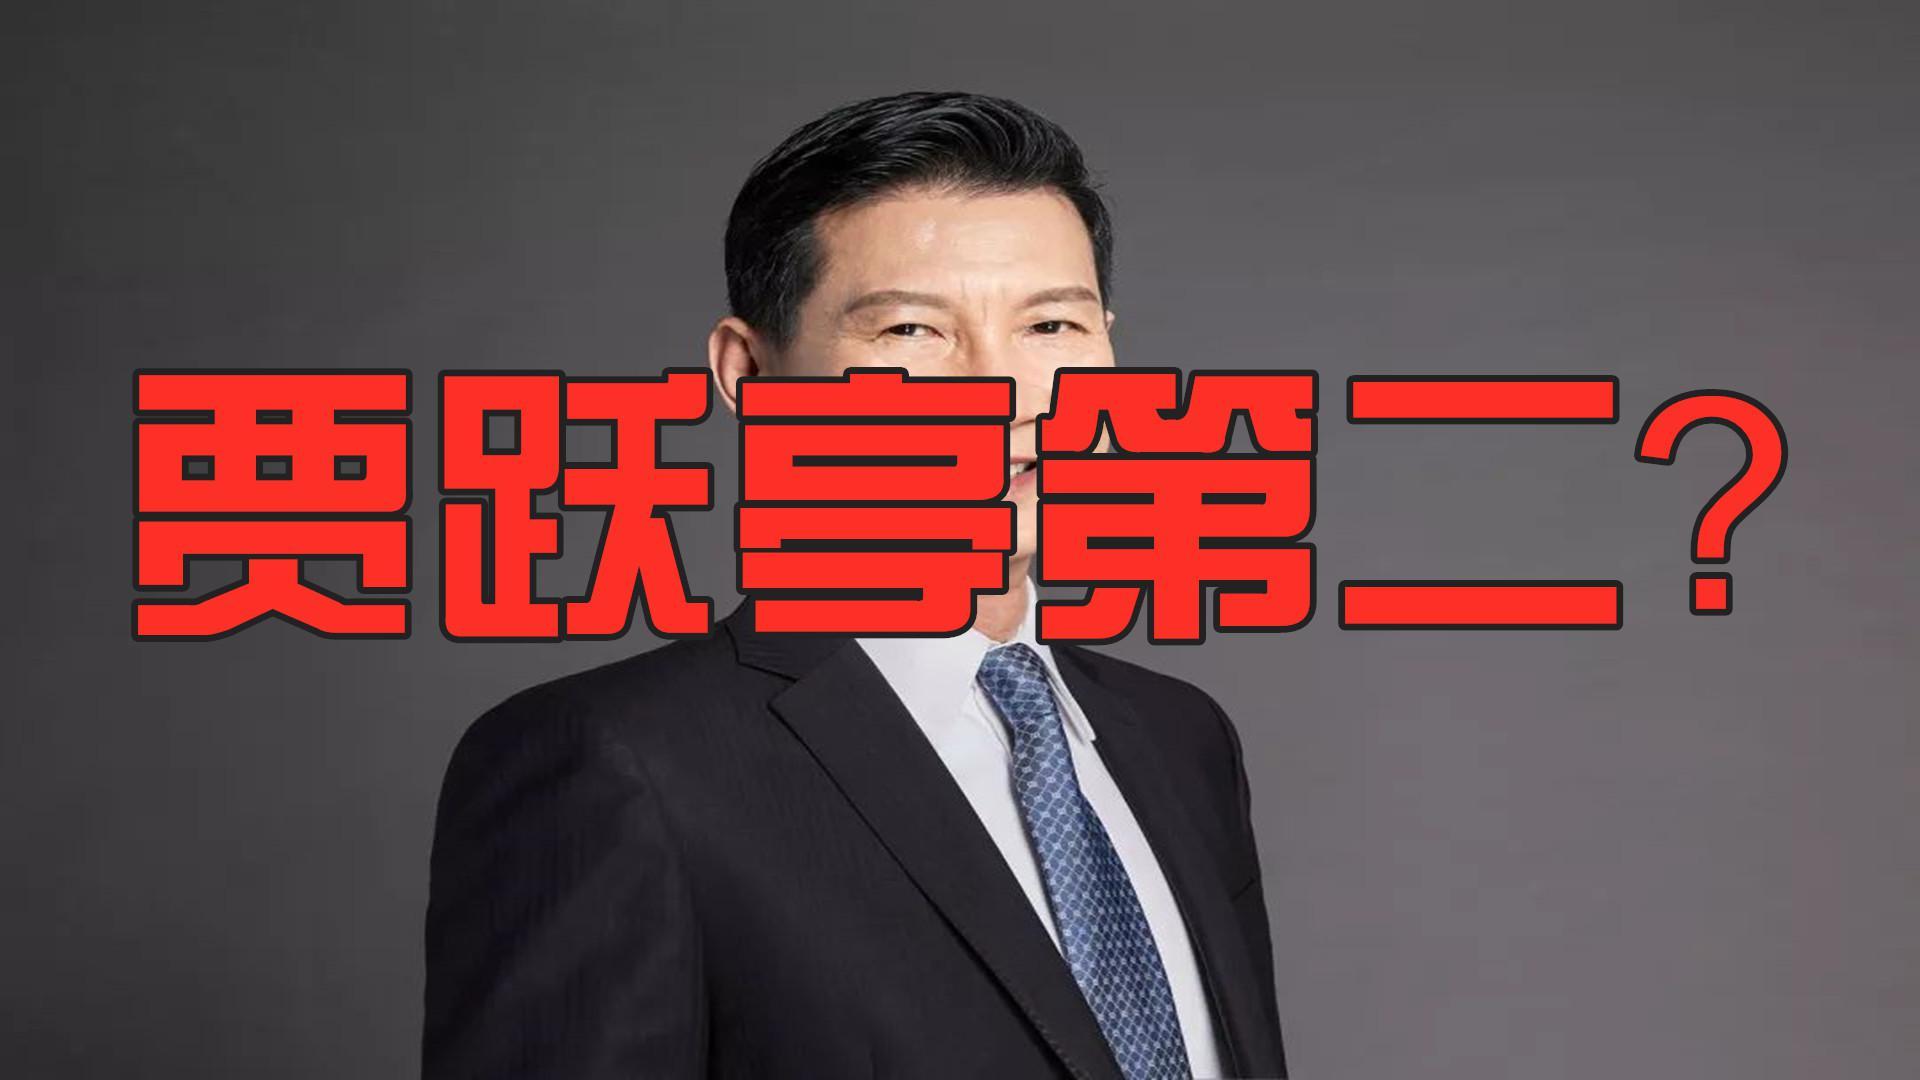 侵吞国资66亿!赛麟汽车董事长遭实名举报,网友炸了:贾跃亭第二